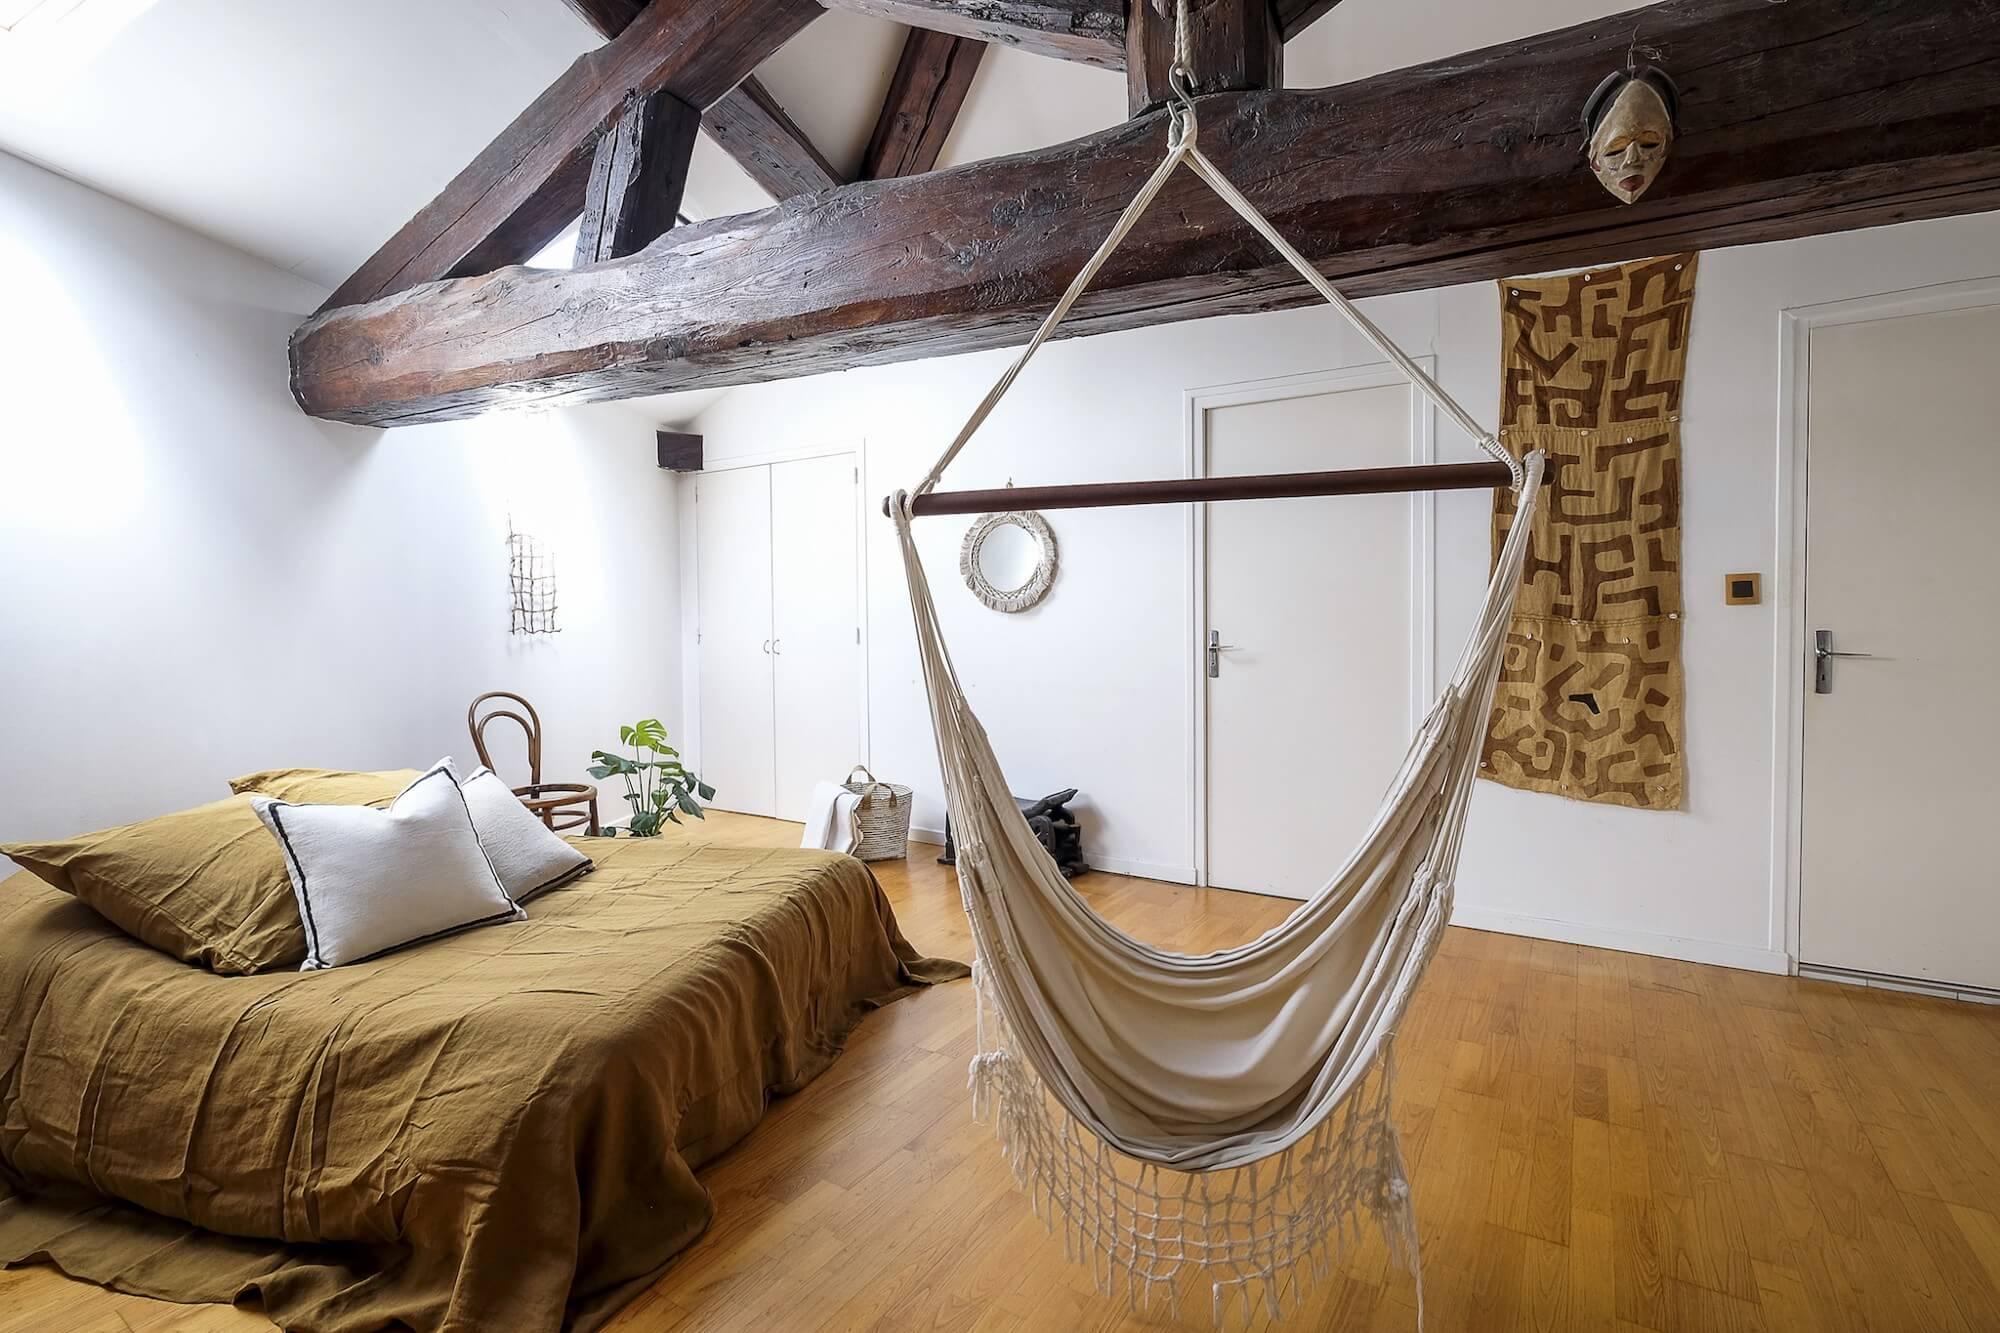 Appartement en vente—   Wood  , Parure de lit  Baralinge  & Coussins + panière  Marie Canzano